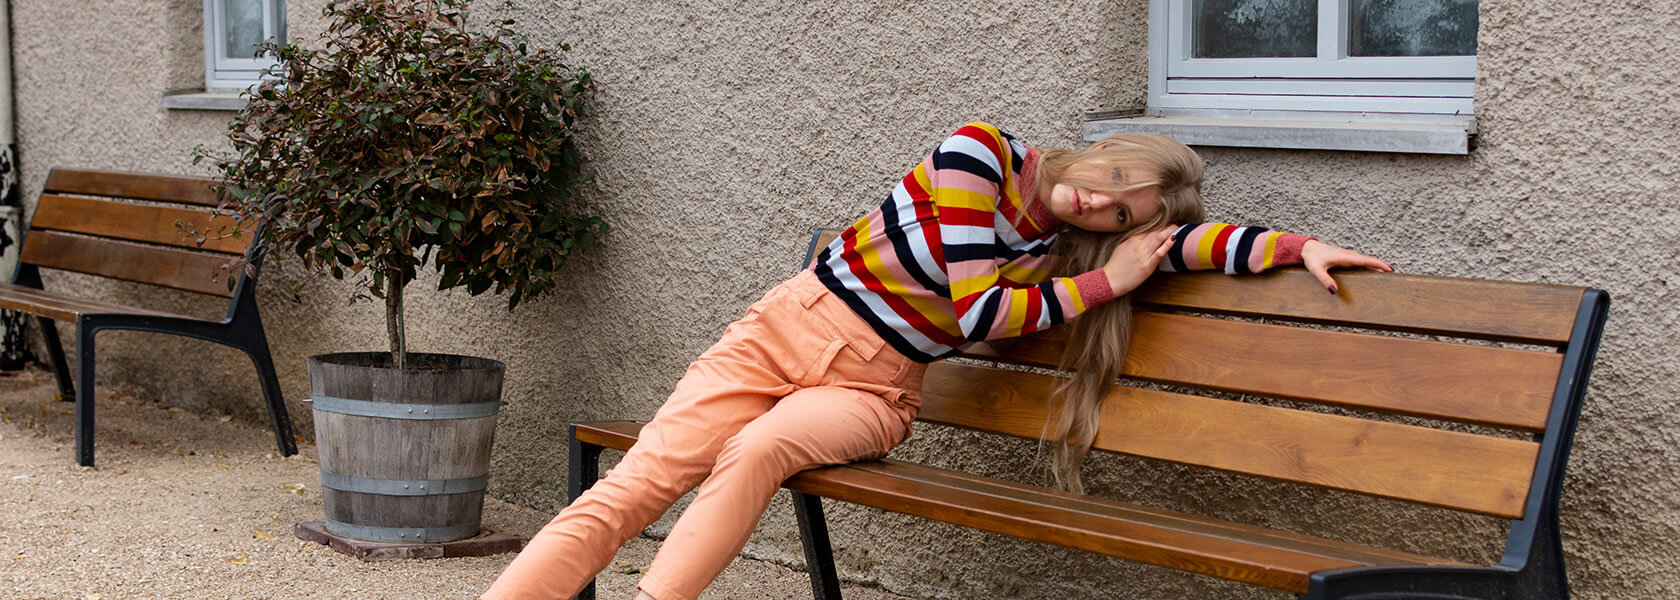 Frau in geringeltem Pullover und rosa Hose lehnt sich auf Holzbank